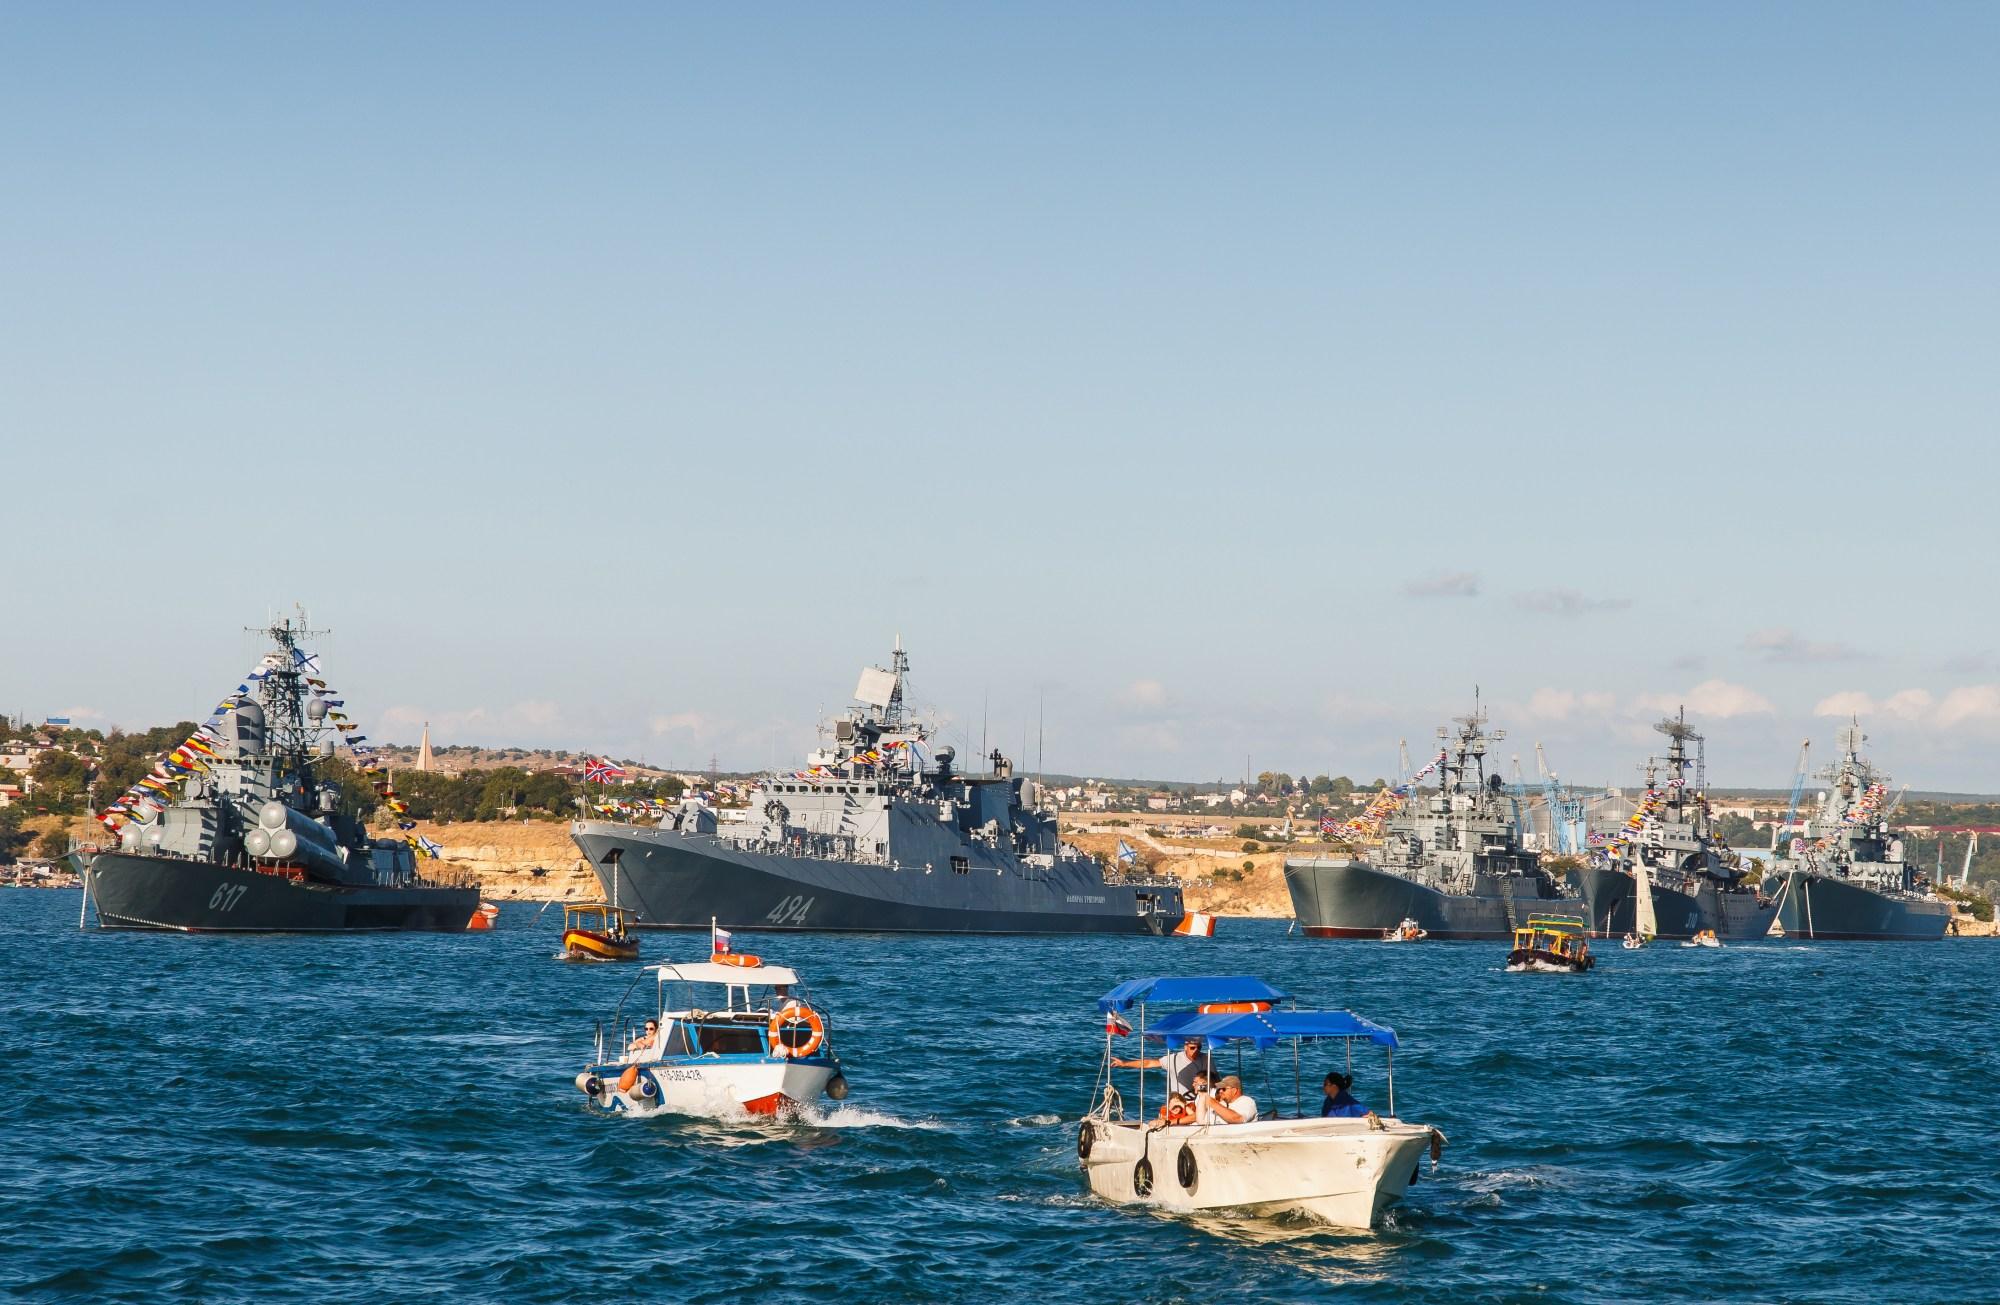 скоро америка черноморский флот вмф россии вариаций эту